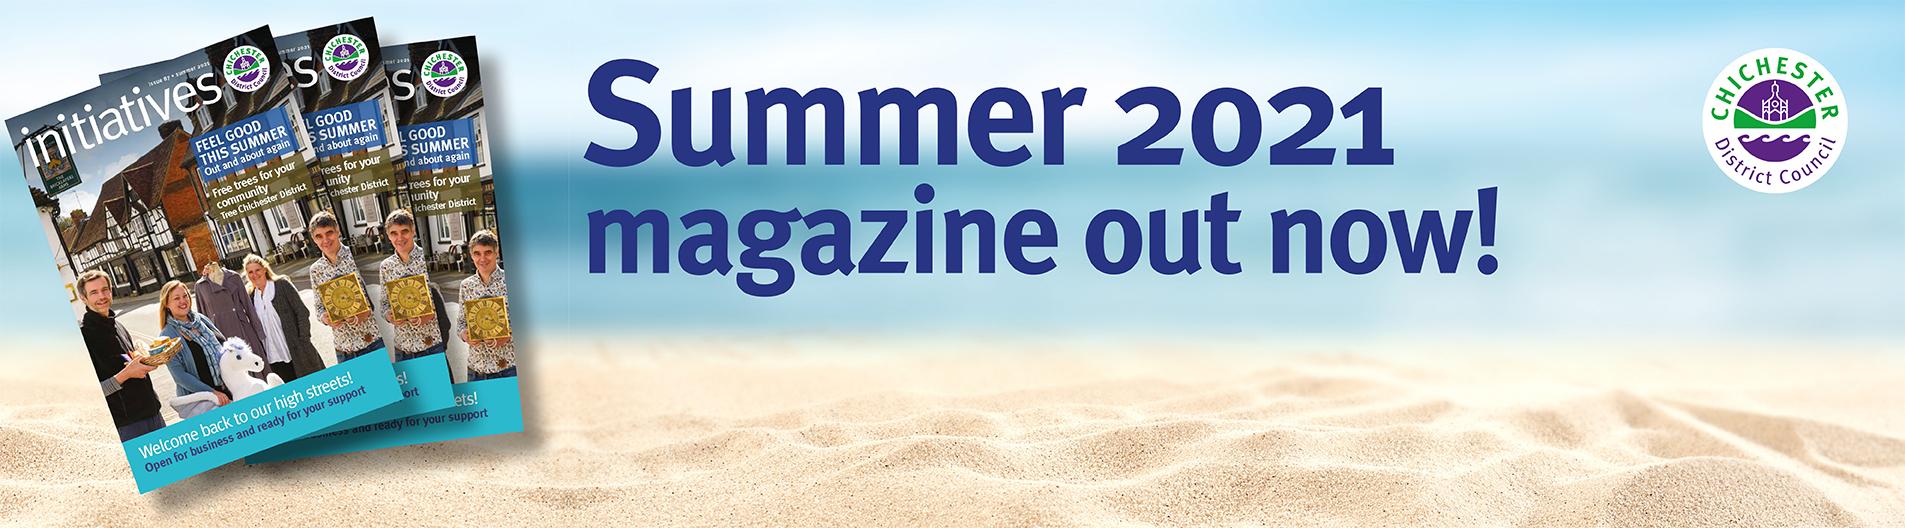 Initiatives Summer 2021